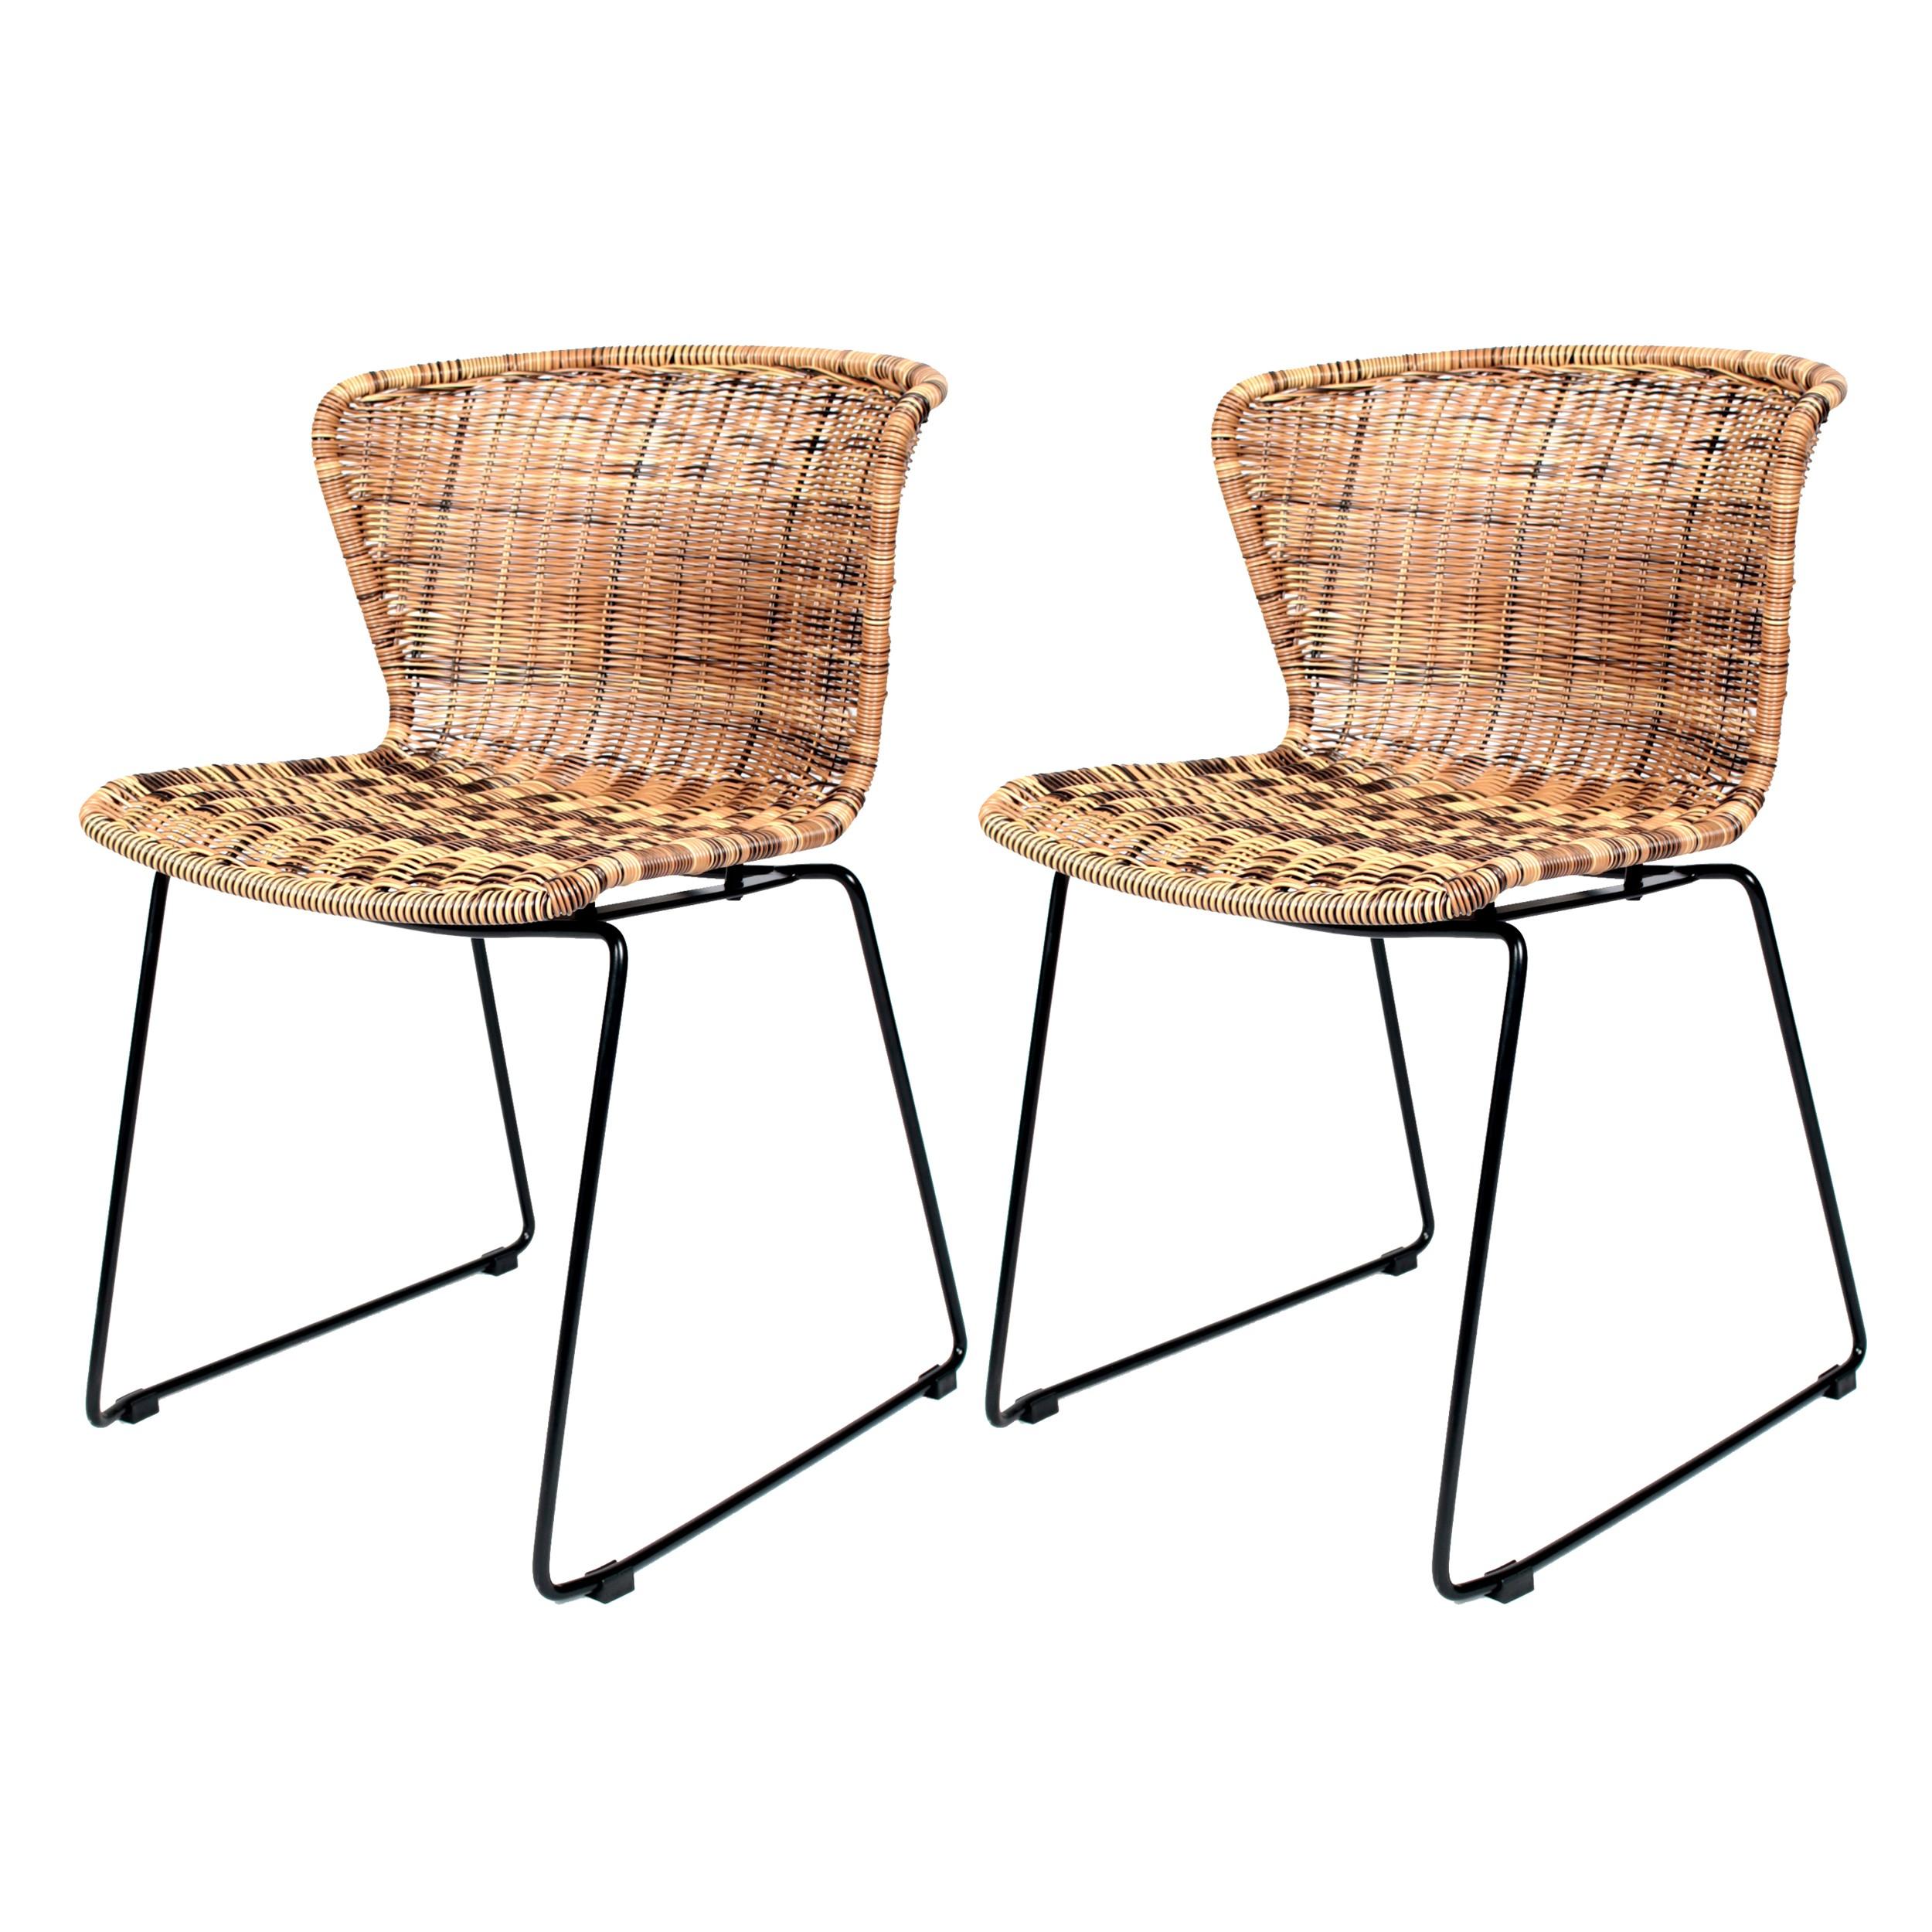 chaise mysore en r sine tress e naturelle lot de 2. Black Bedroom Furniture Sets. Home Design Ideas